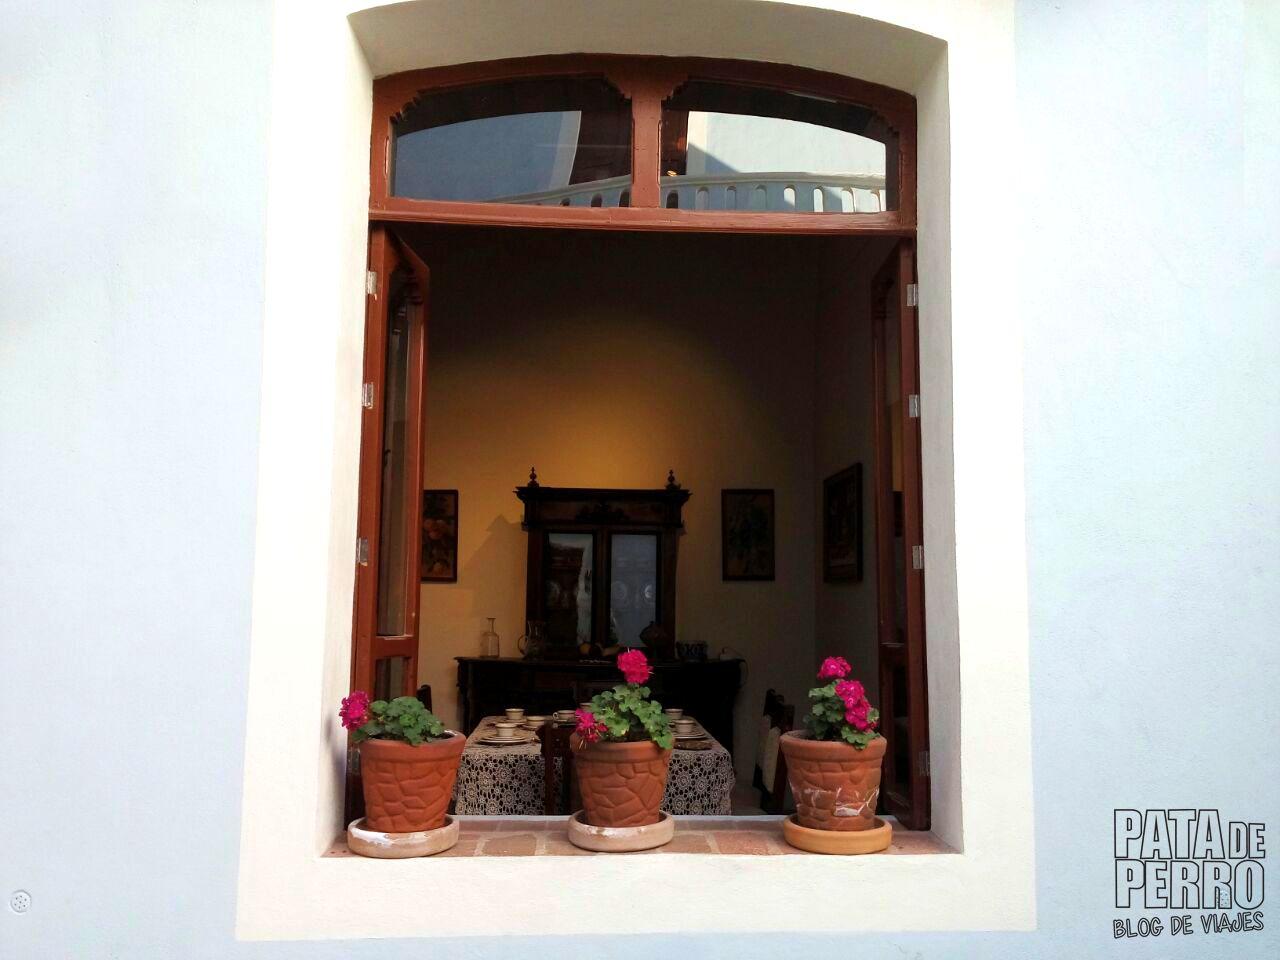 museo-regional-de-la-revolucion-mexicana-casa-de-los-hermanos-serdan-pata-de-perro-blog-de-viajes11